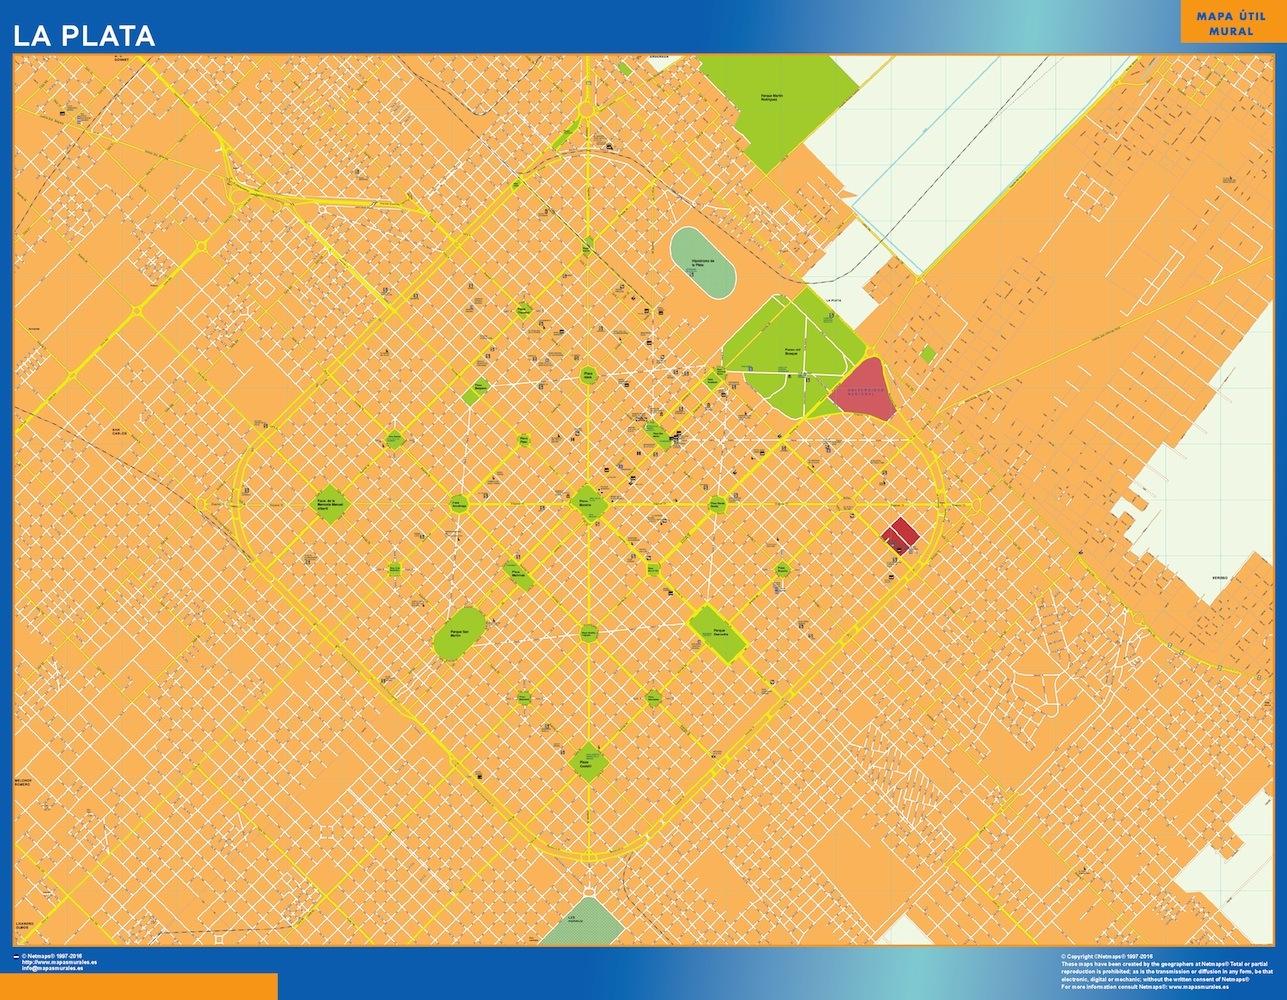 Mapa La Plata en Argentina plastificado gigante